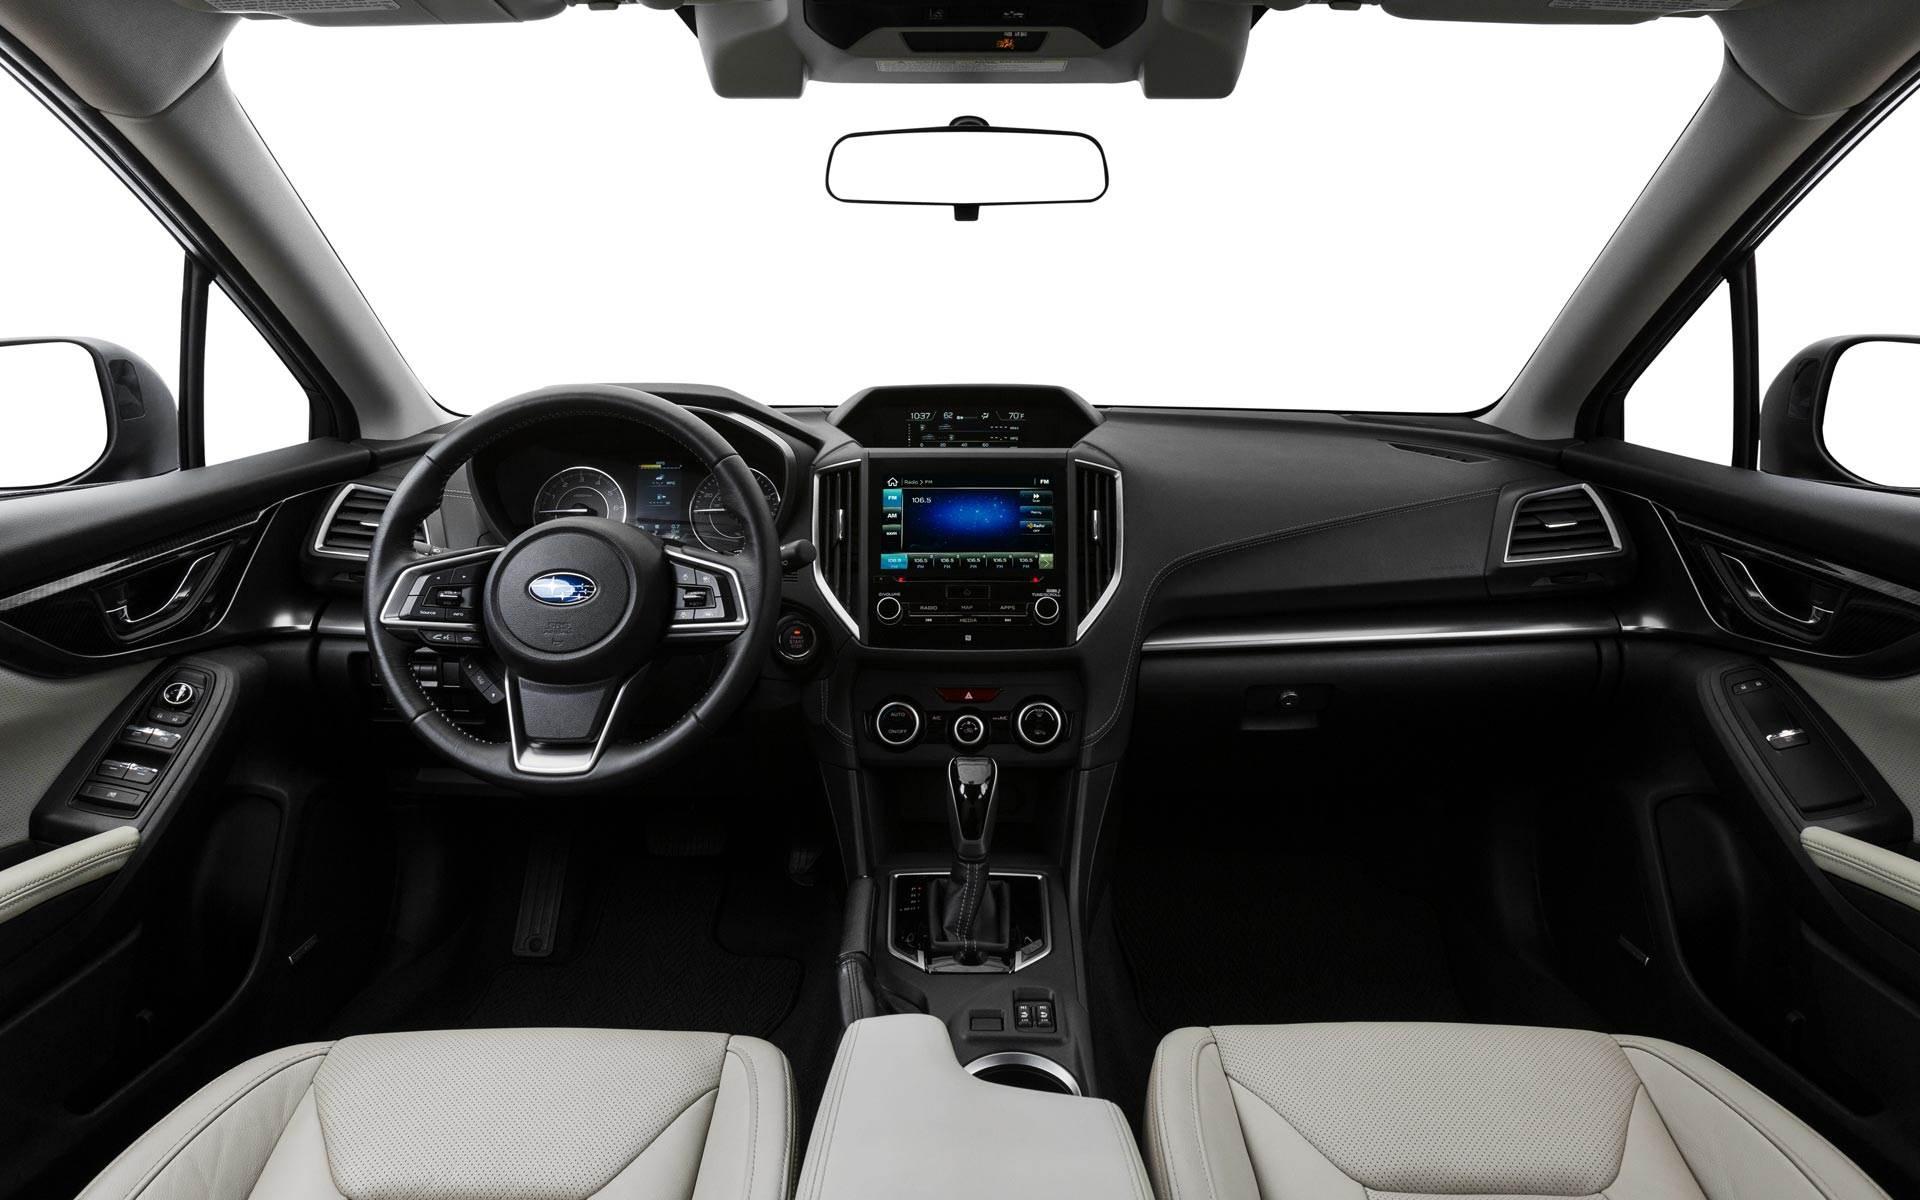 Subaru impreza lease deals finance offers kocourek subaru comfort vanachro Choice Image